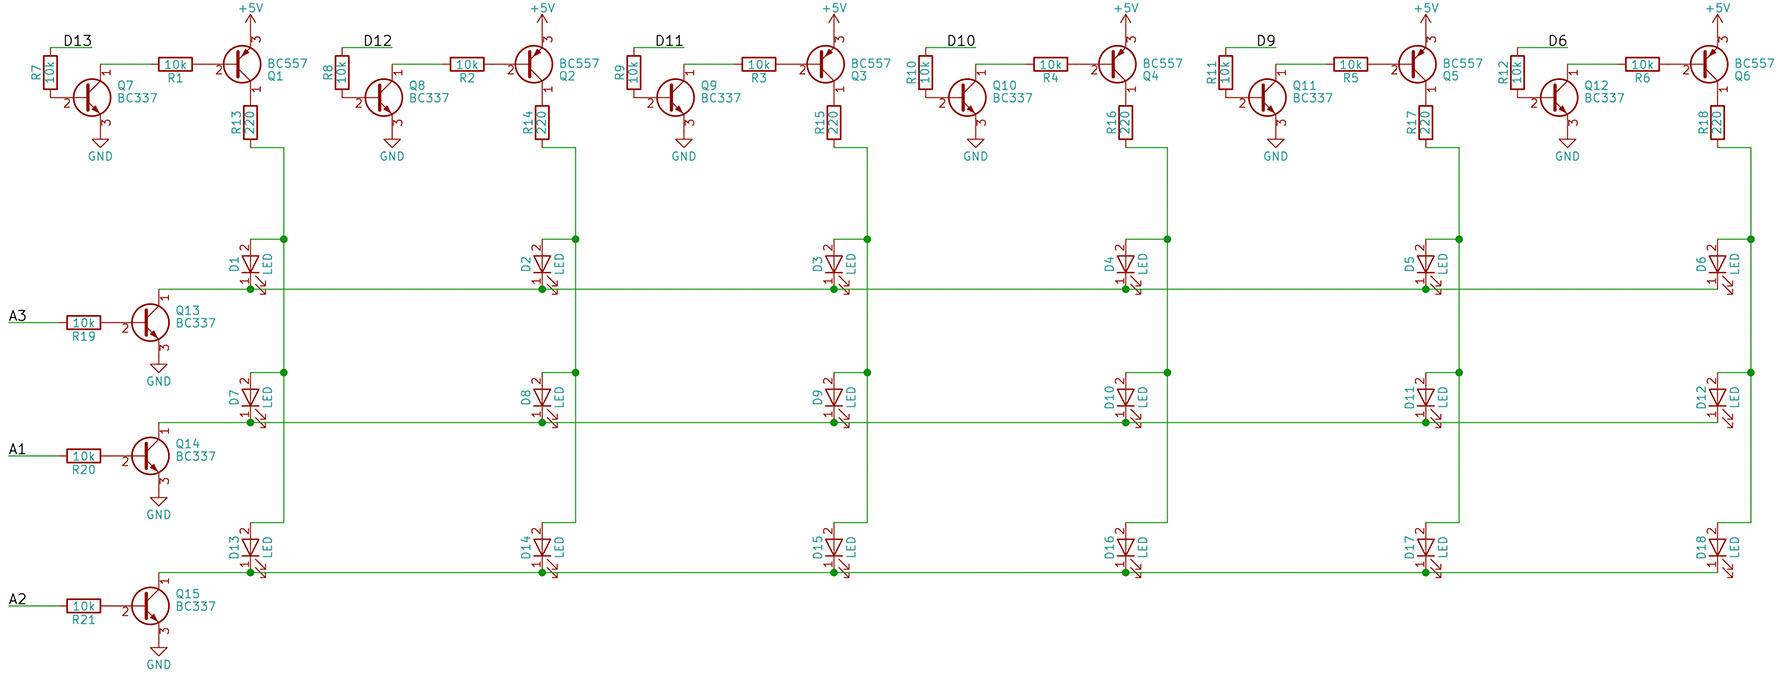 Python Heart Matrix Schematic